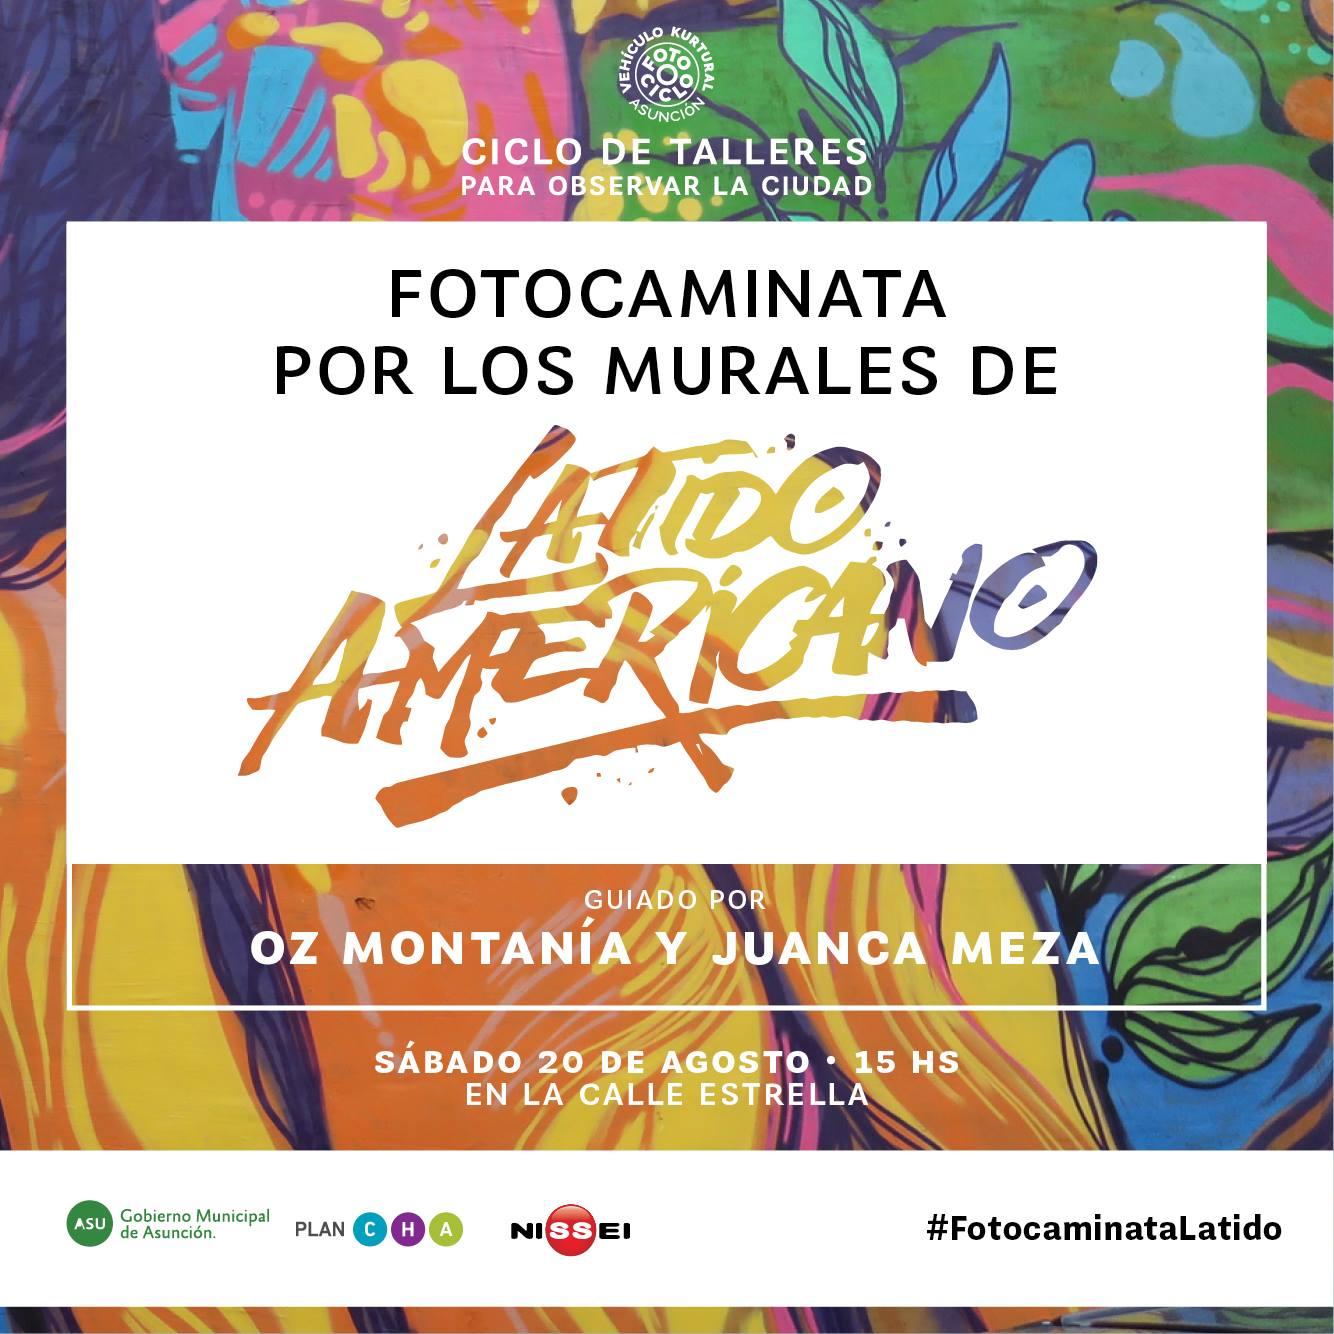 La fotocaminata por los murales de #LatinoAmericano con Fotociclo [Evento]